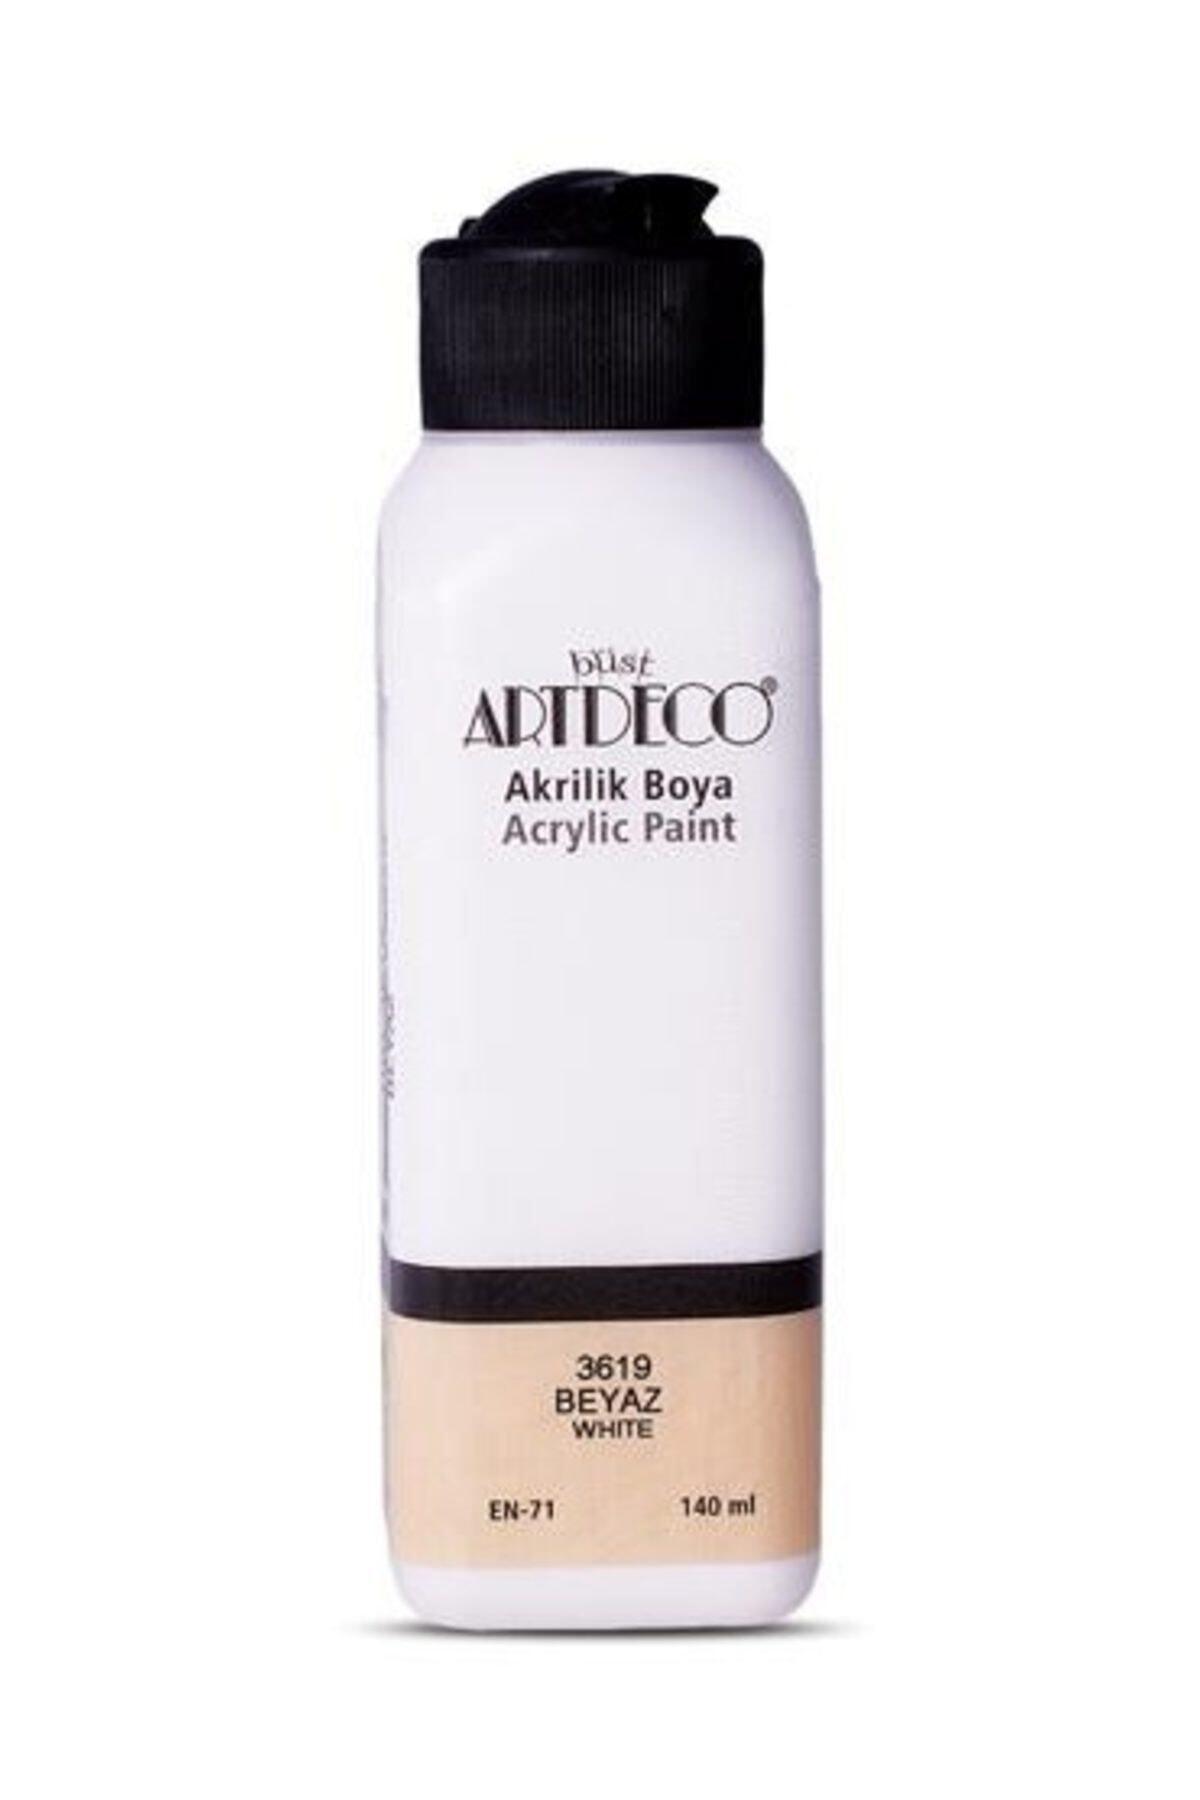 Artdeco Akrilik Boya 140 ml. Beyaz 70r-3619 1